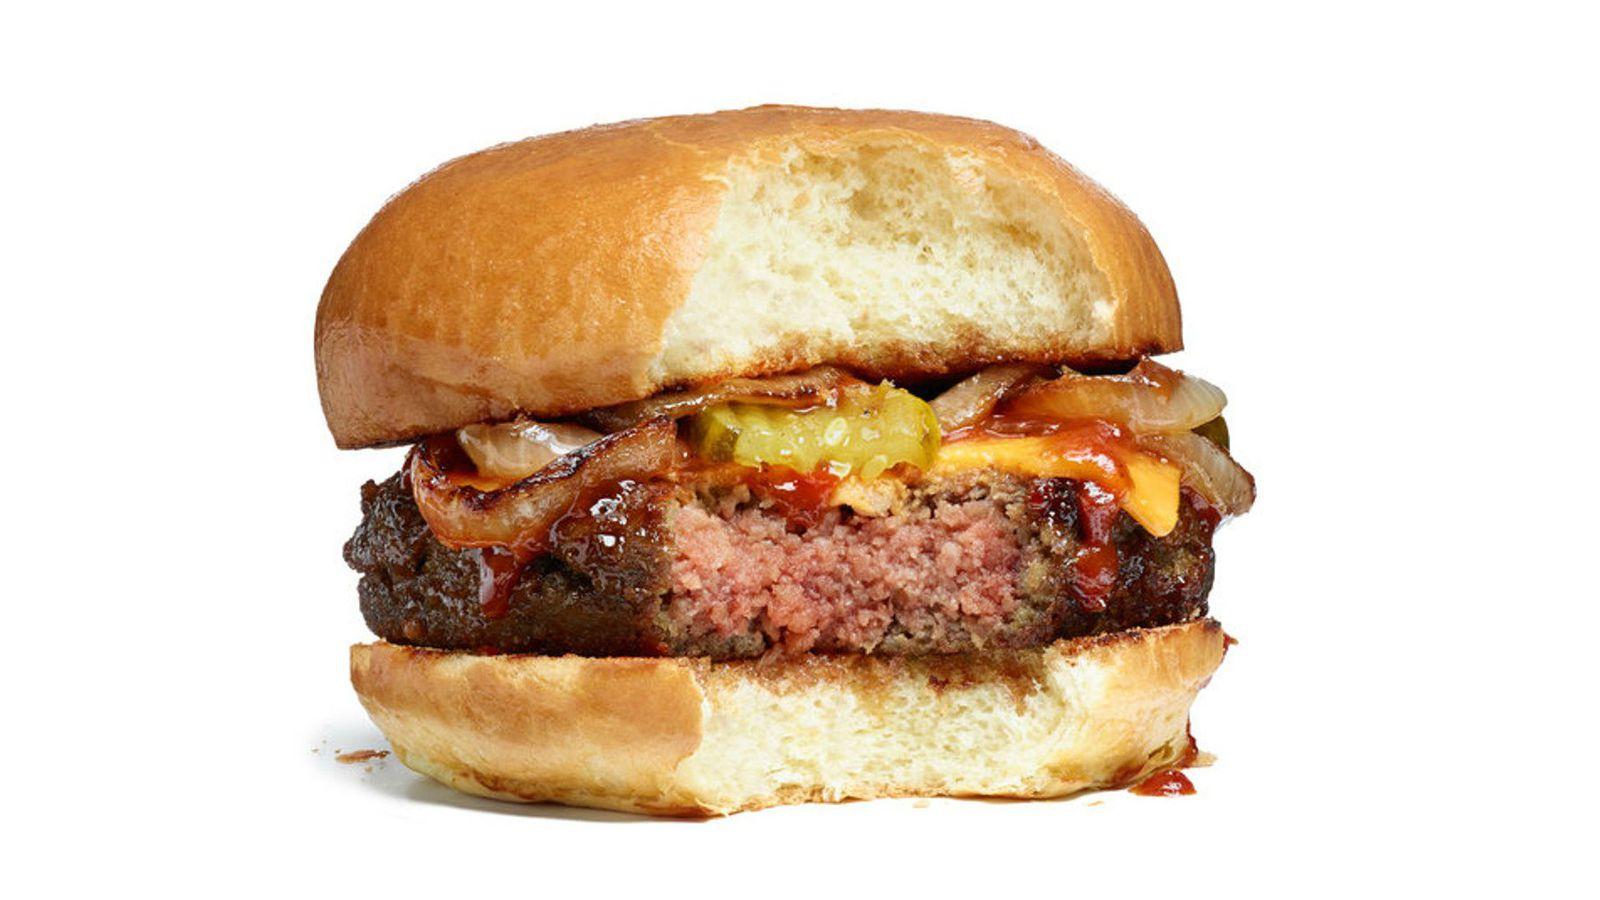 El futuro será sin carne, o difícilmente será